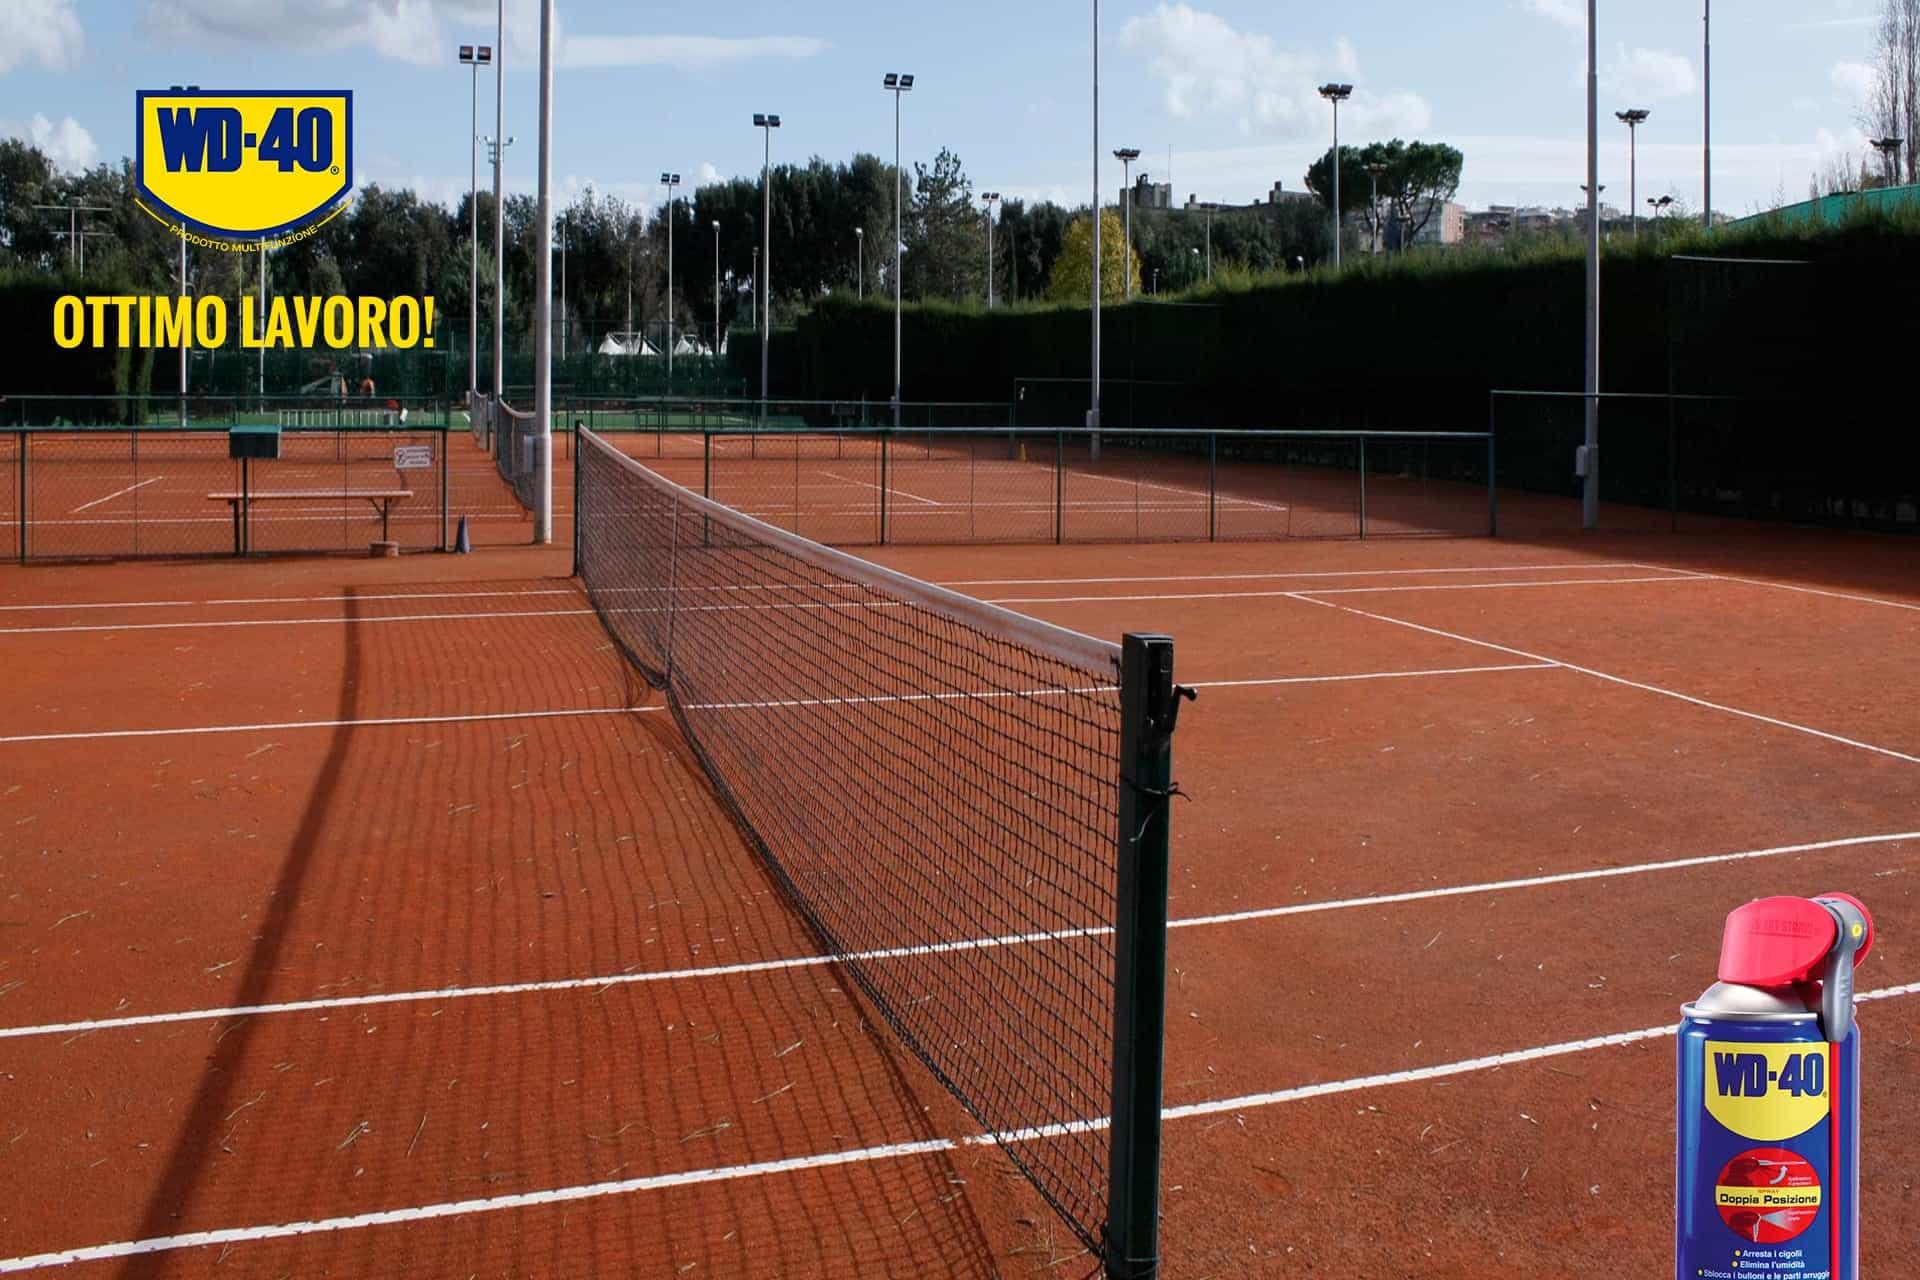 come lubrificare i meccanismi della rete da tennis bis